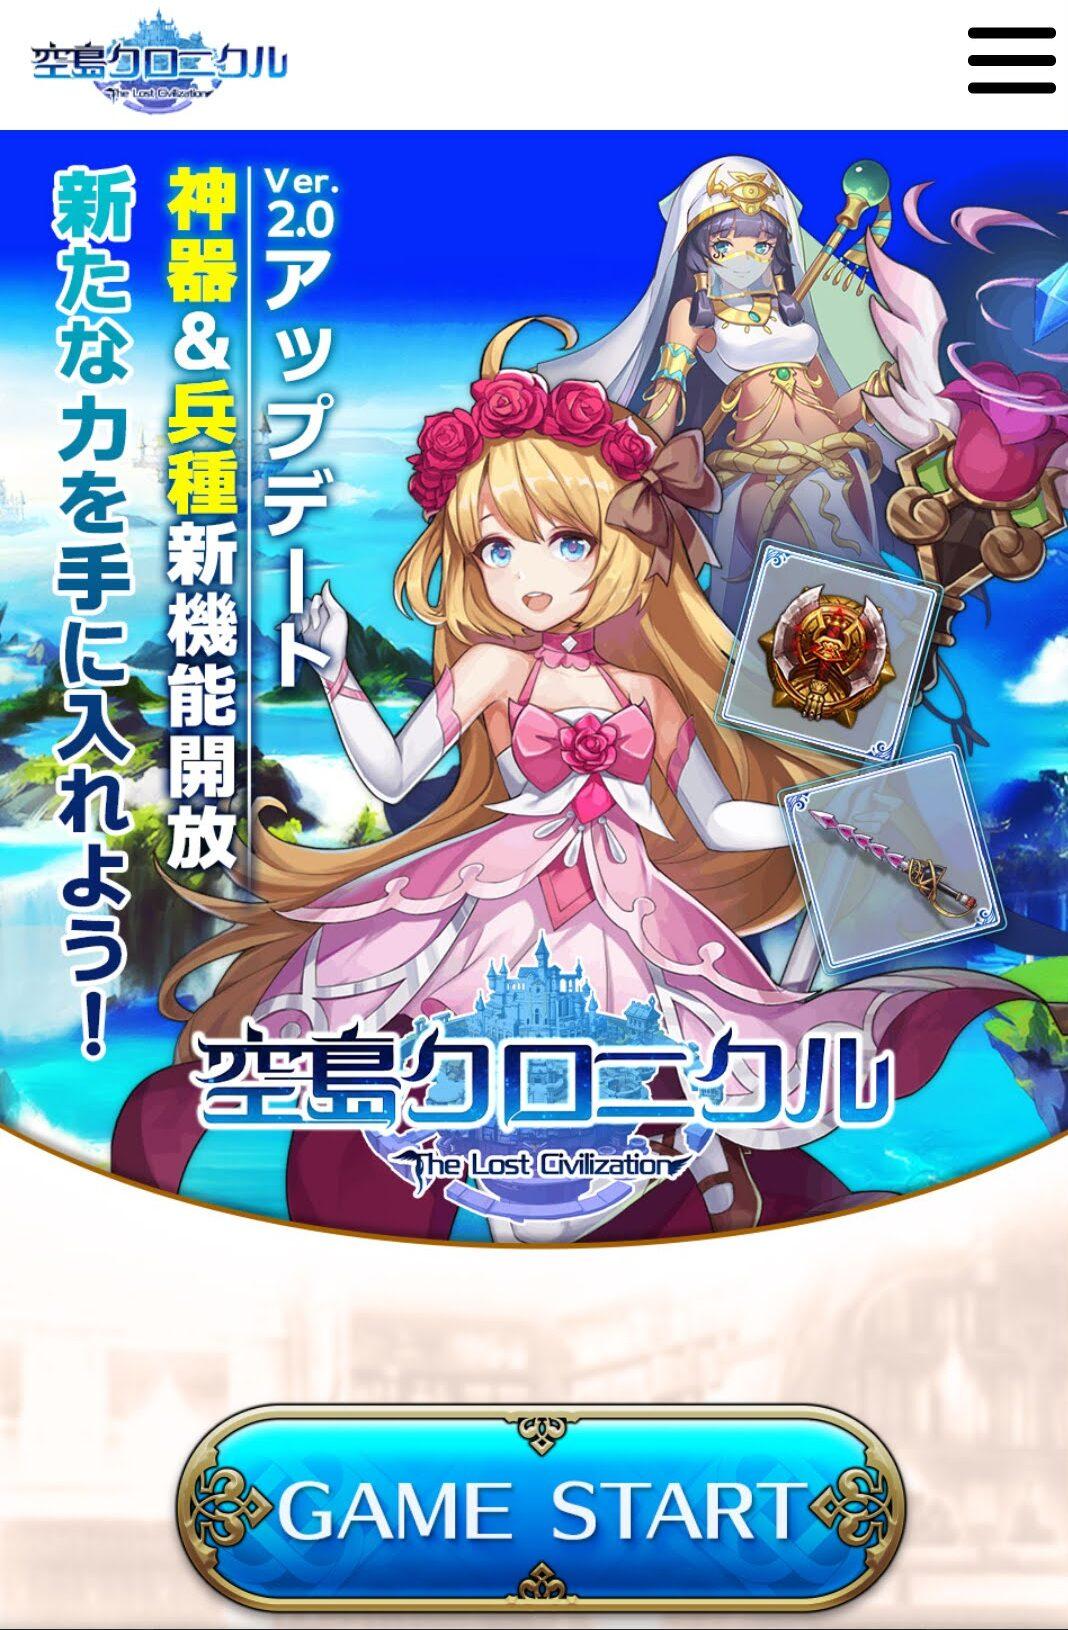 【空島クロニクル】アイキャッチ